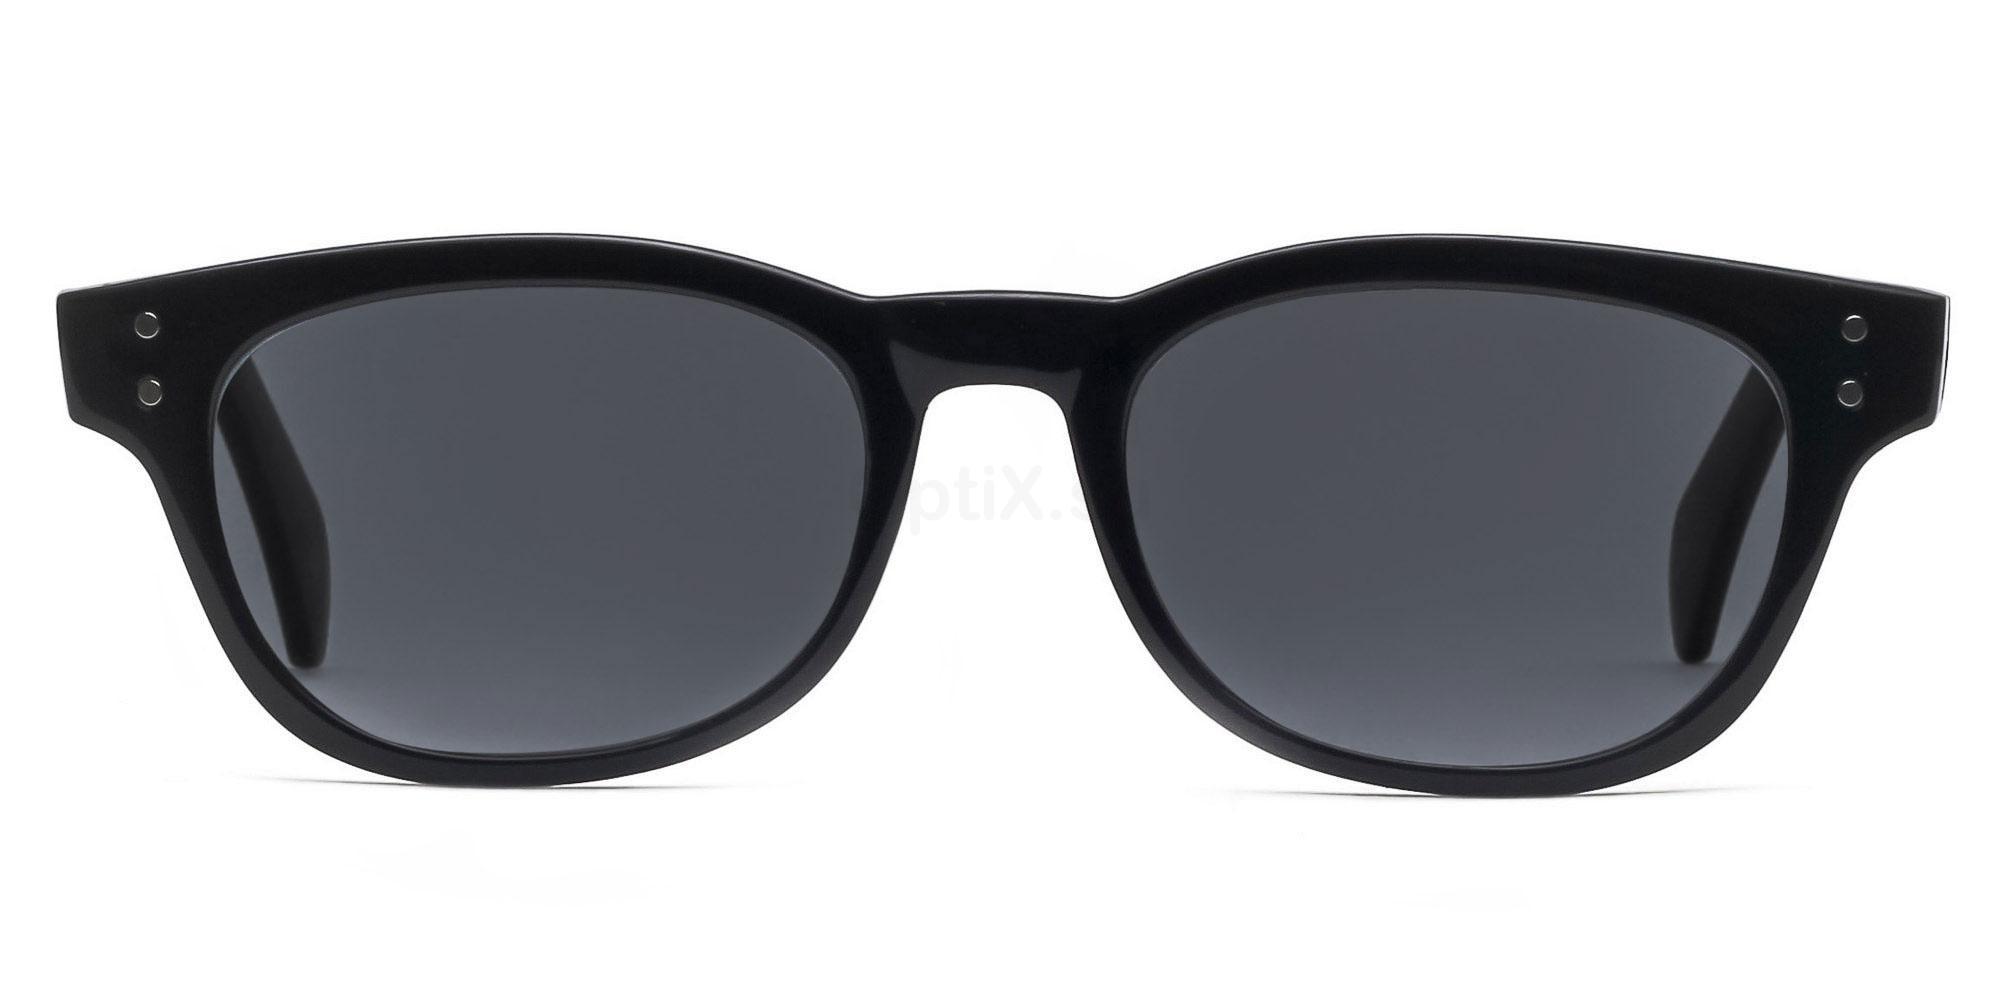 C01 Dark Grey P2249 Shiny Black (Sunglasses) Sunglasses, Savannah